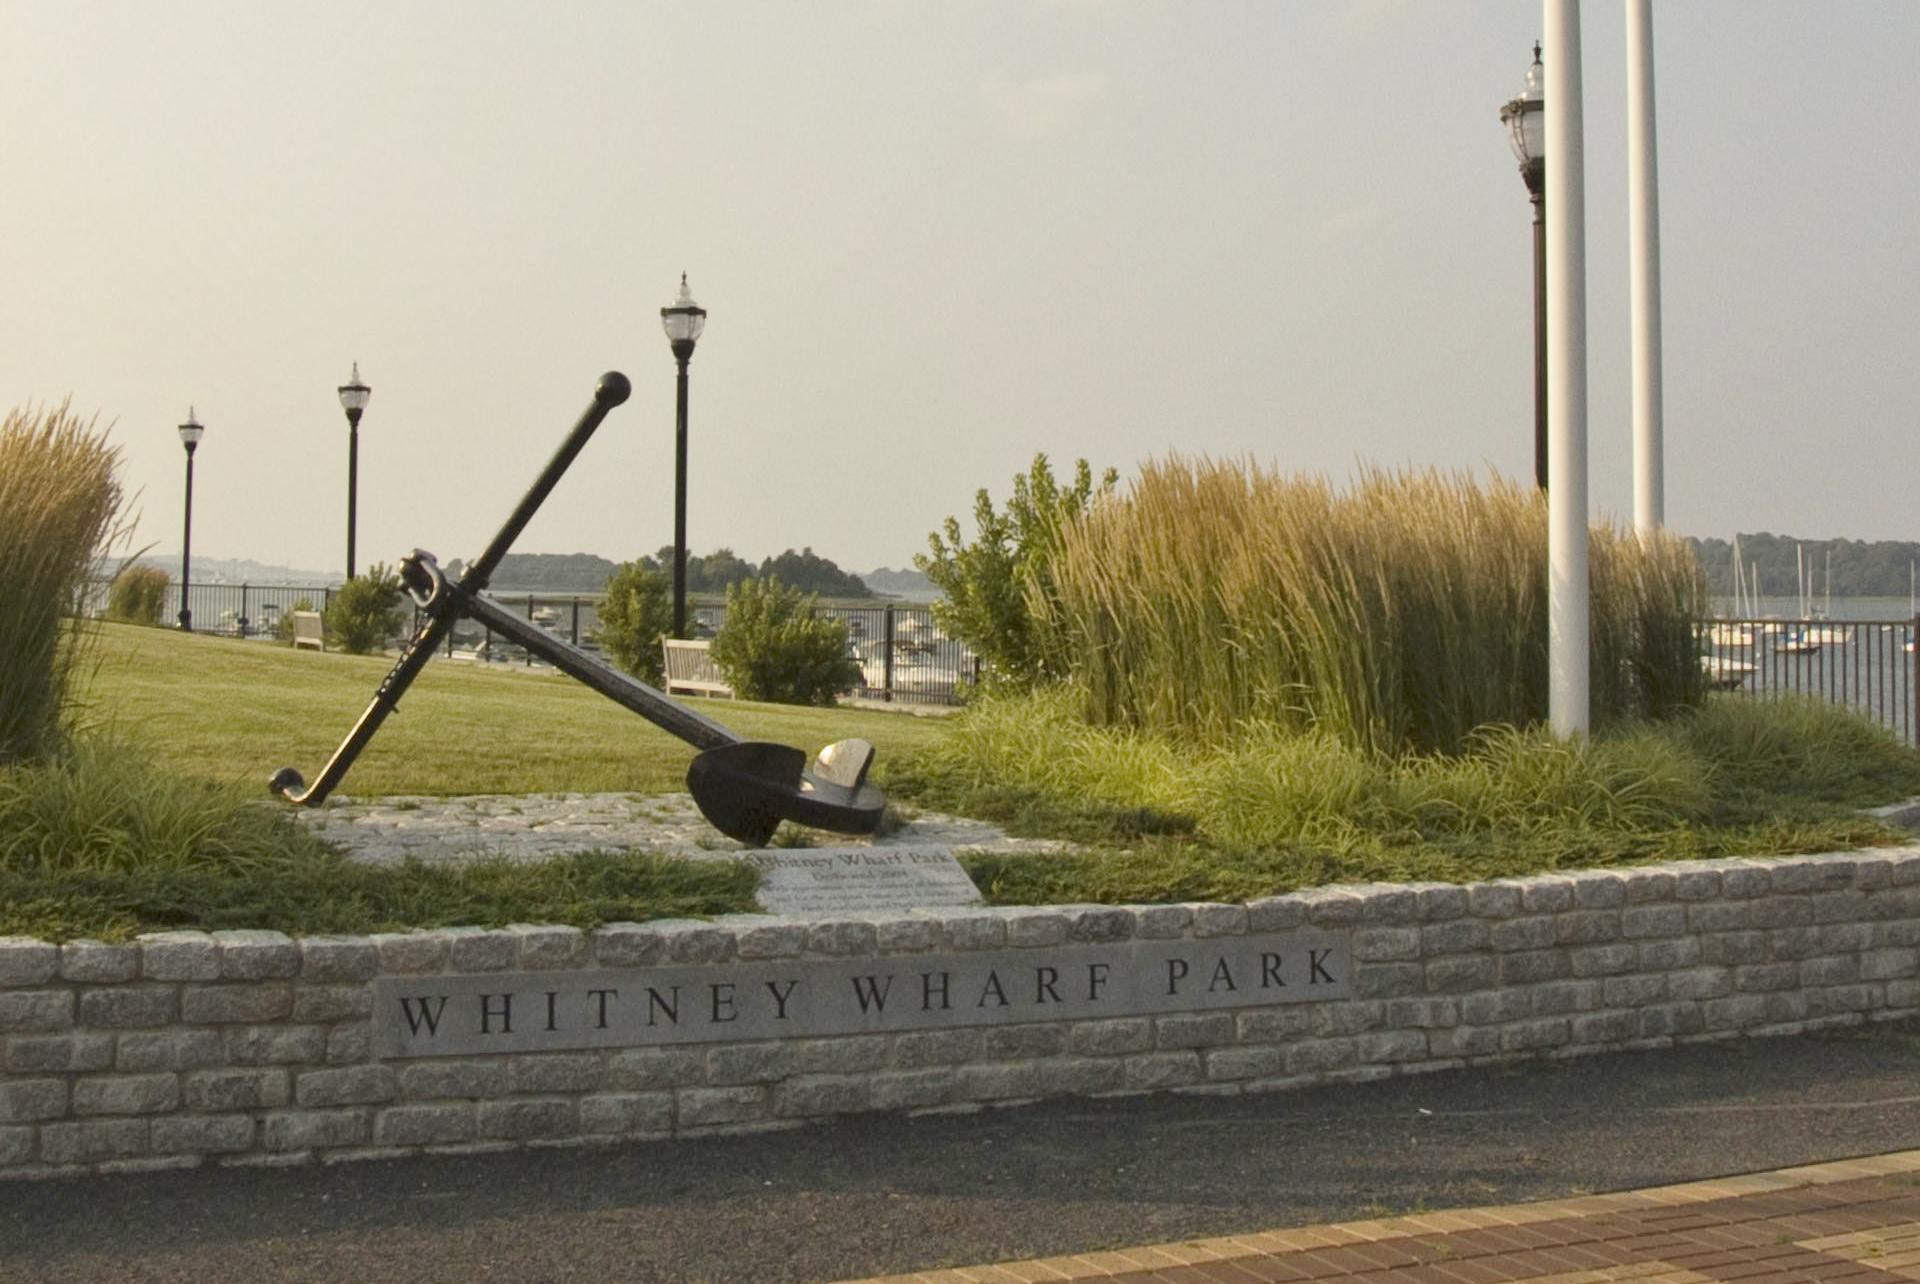 Whitney Wharf   Hingham, Mass.